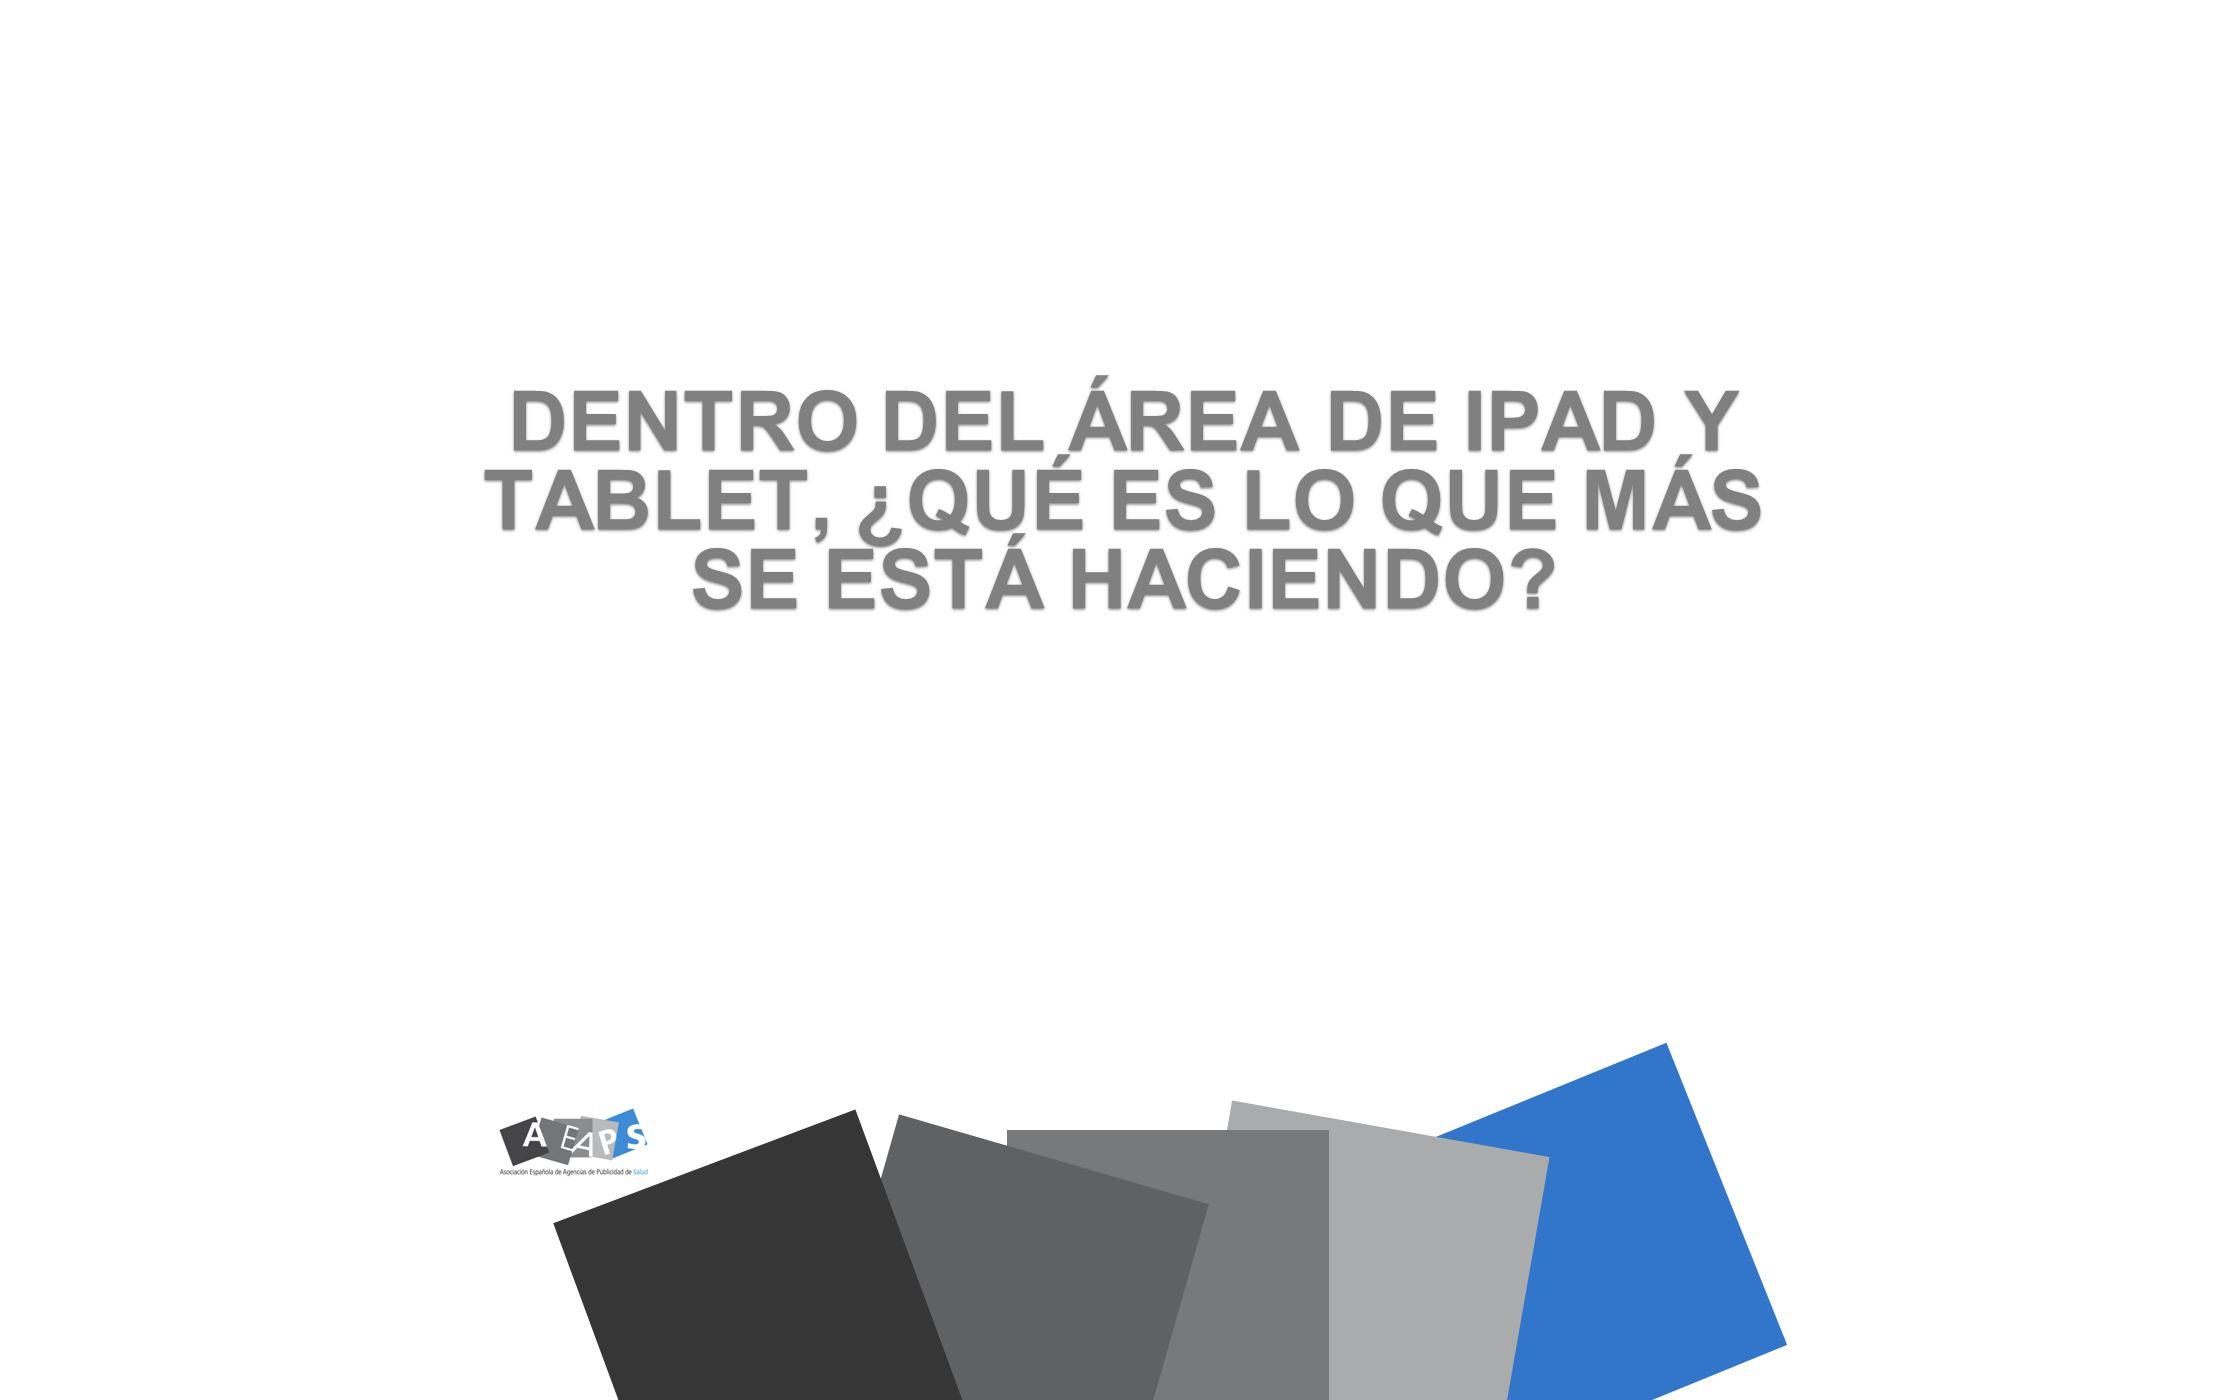 DENTRO DEL ÁREA DE IPAD Y TABLET, ¿QUÉ ES LO QUE MÁS SE ESTÁ HACIENDO